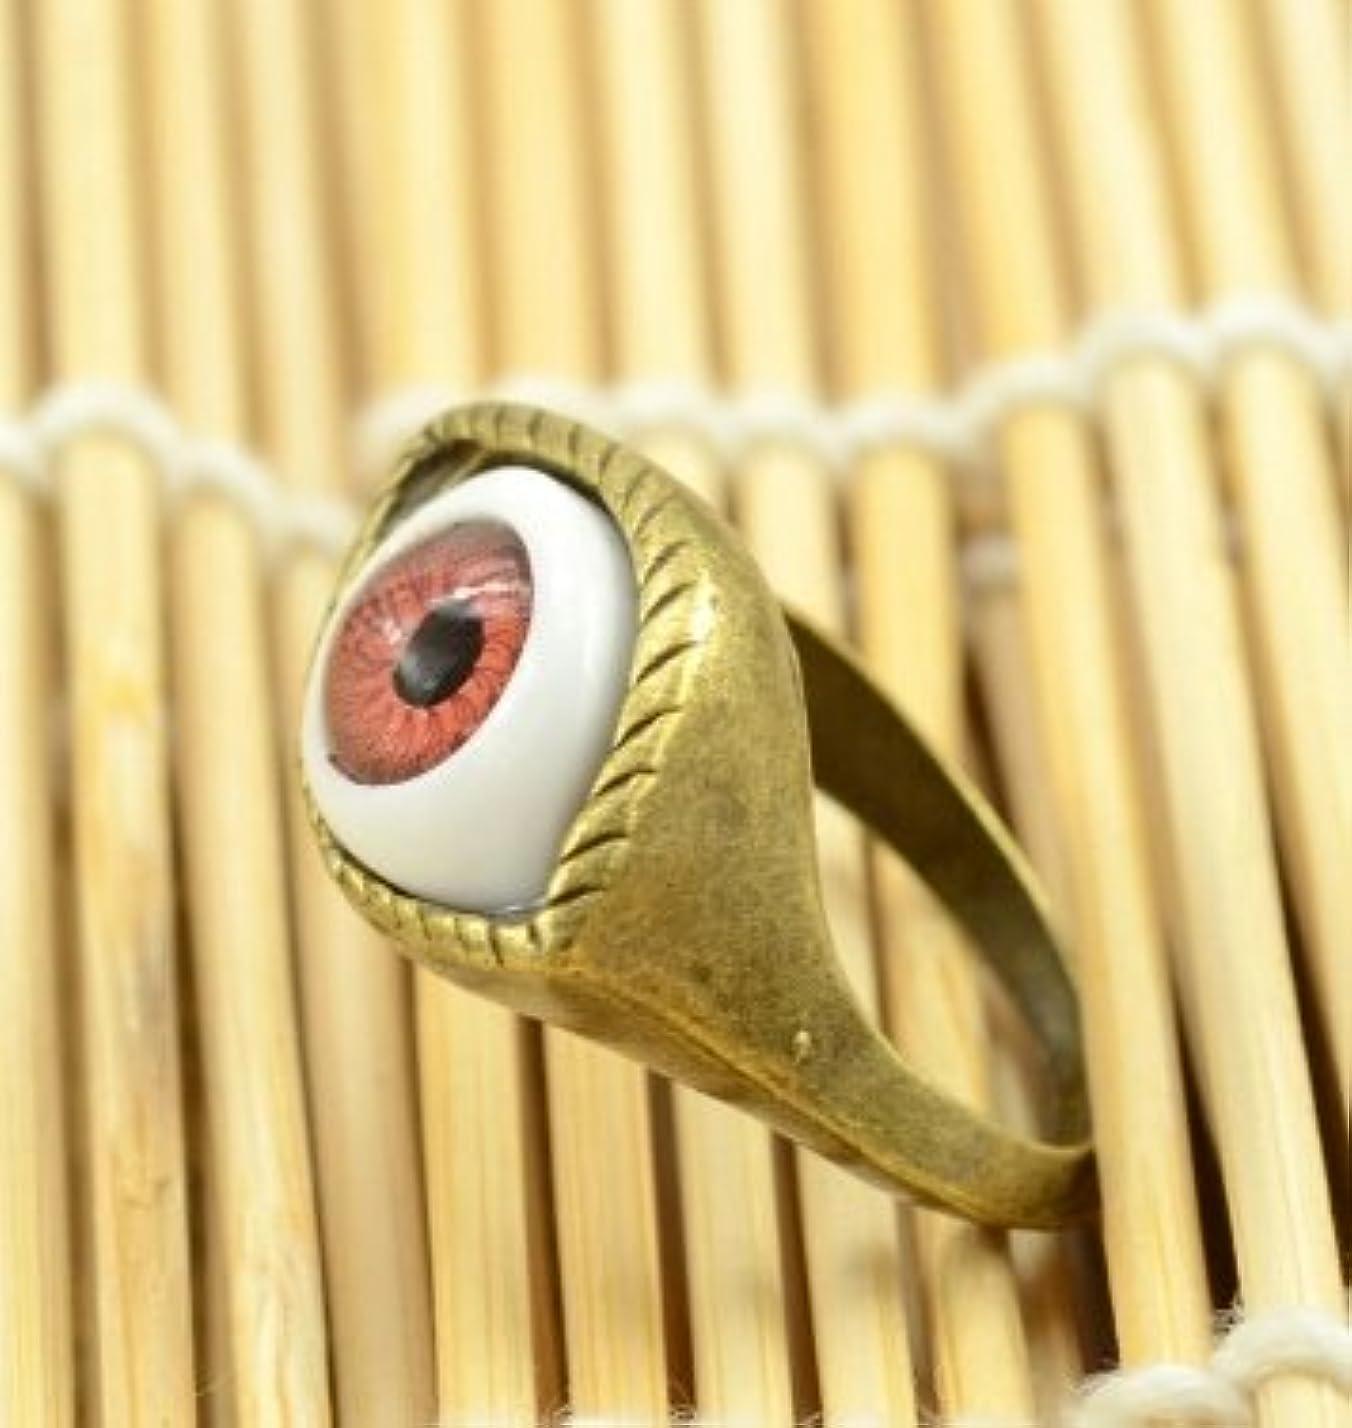 授業料剪断崇拝するJicorzo - ヨーロッパと米国のゴシックパンク風のレトロな青と茶色の鬼の目のリング宝石の1pcsを誇張[ブラウン]